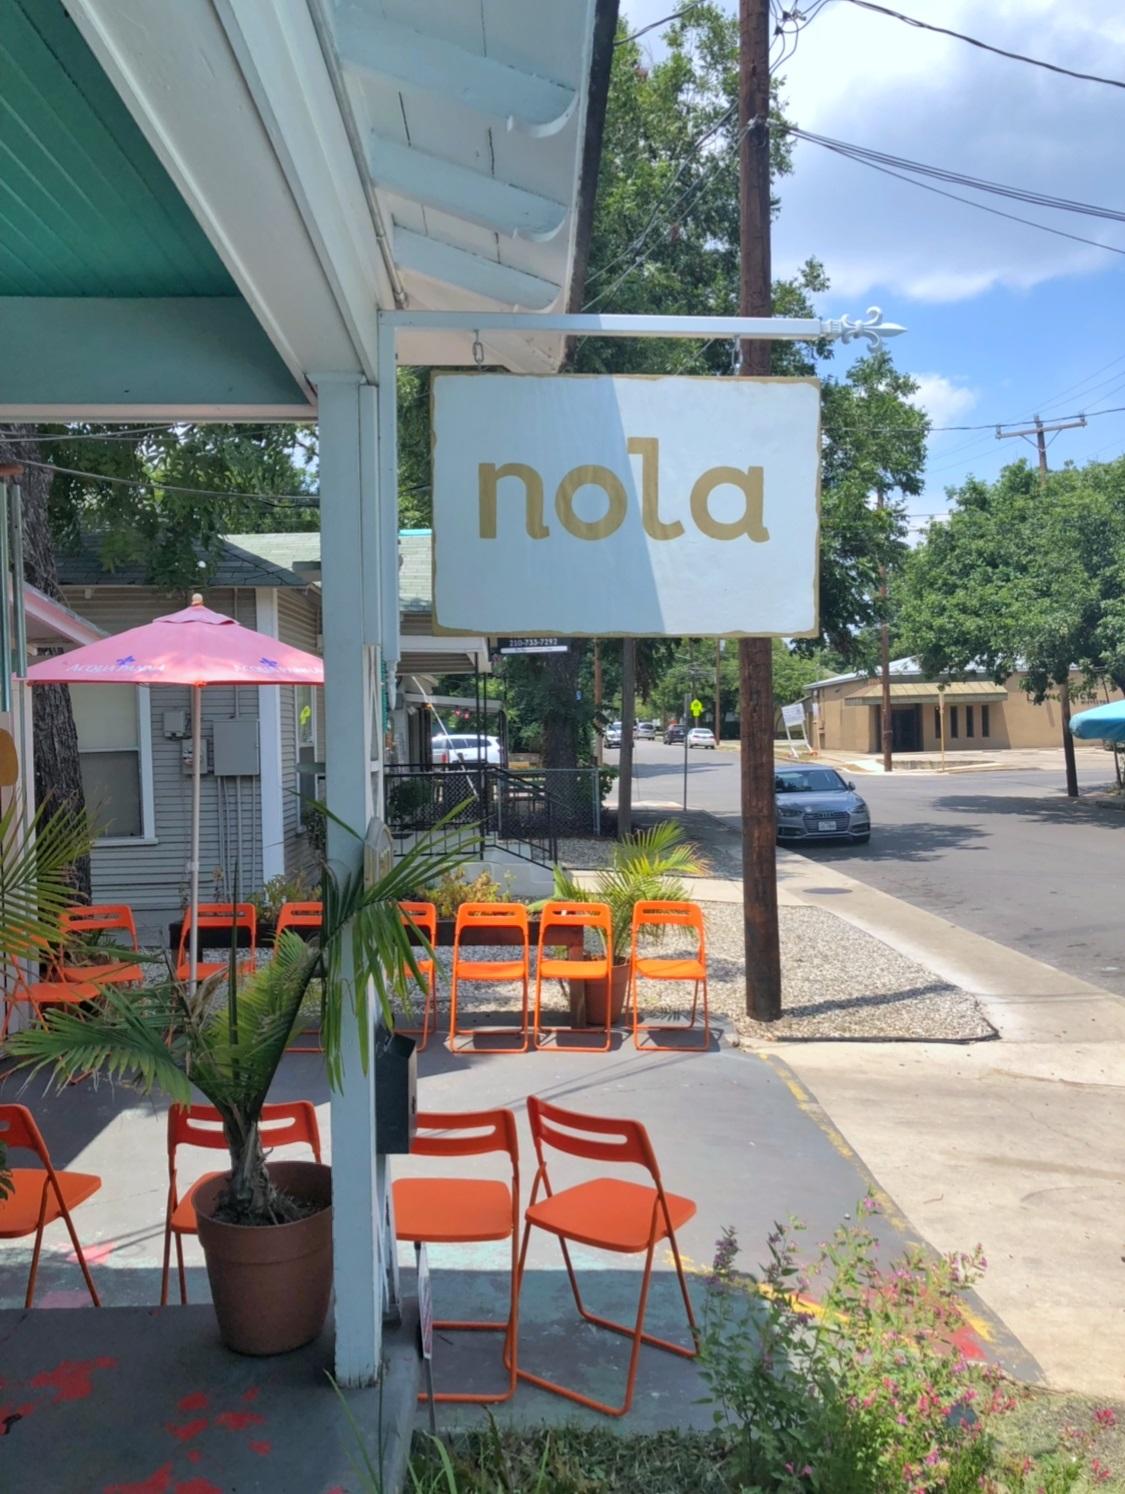 Travel Foodie Finds Nola Brunch Amp Beignets Restaurant San